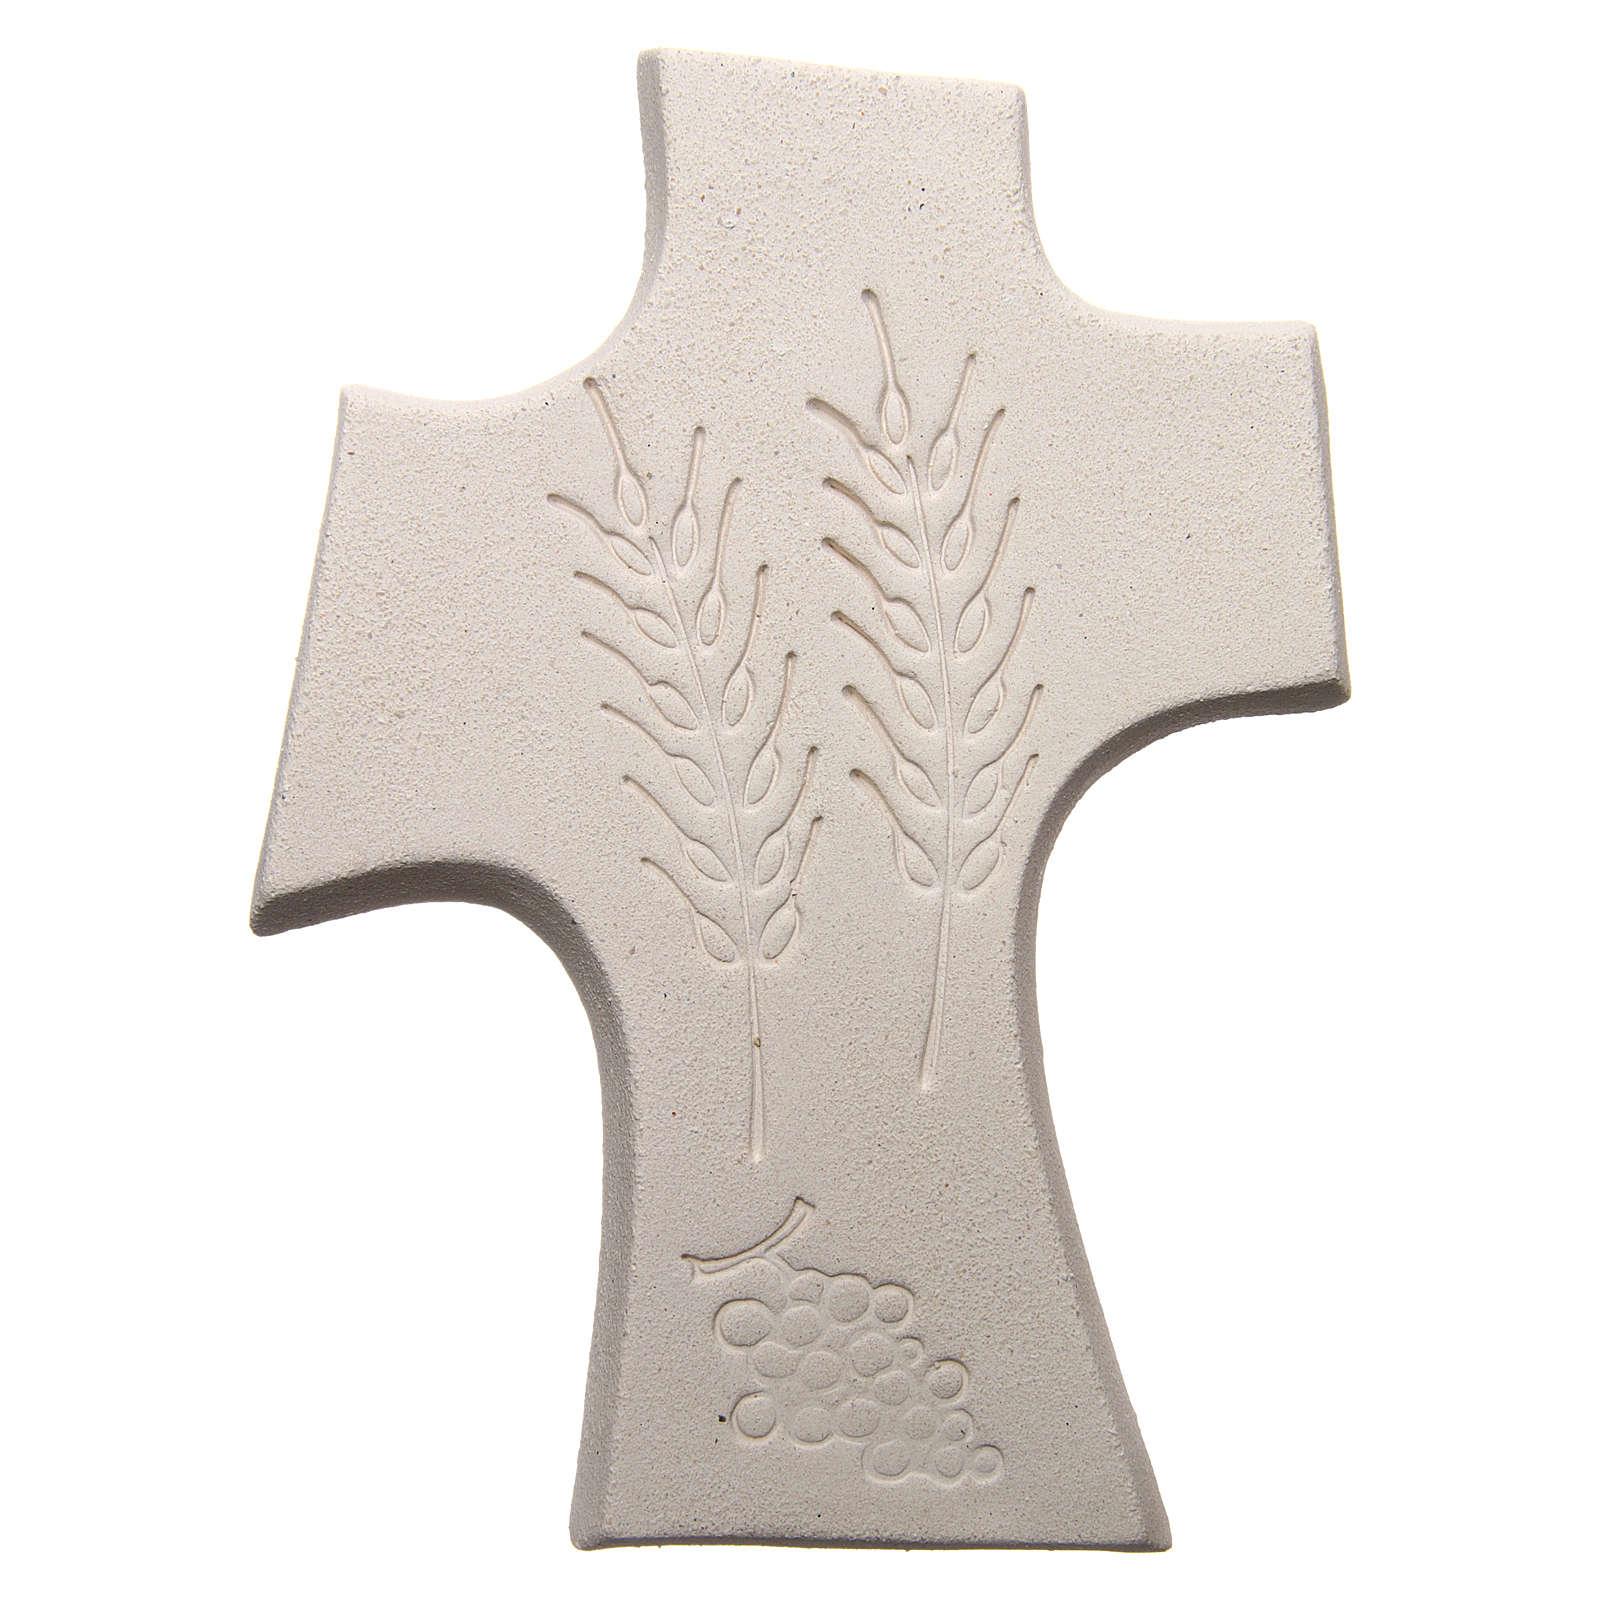 Croce Prima Comunione argilla bianca e oro 15 cm 4